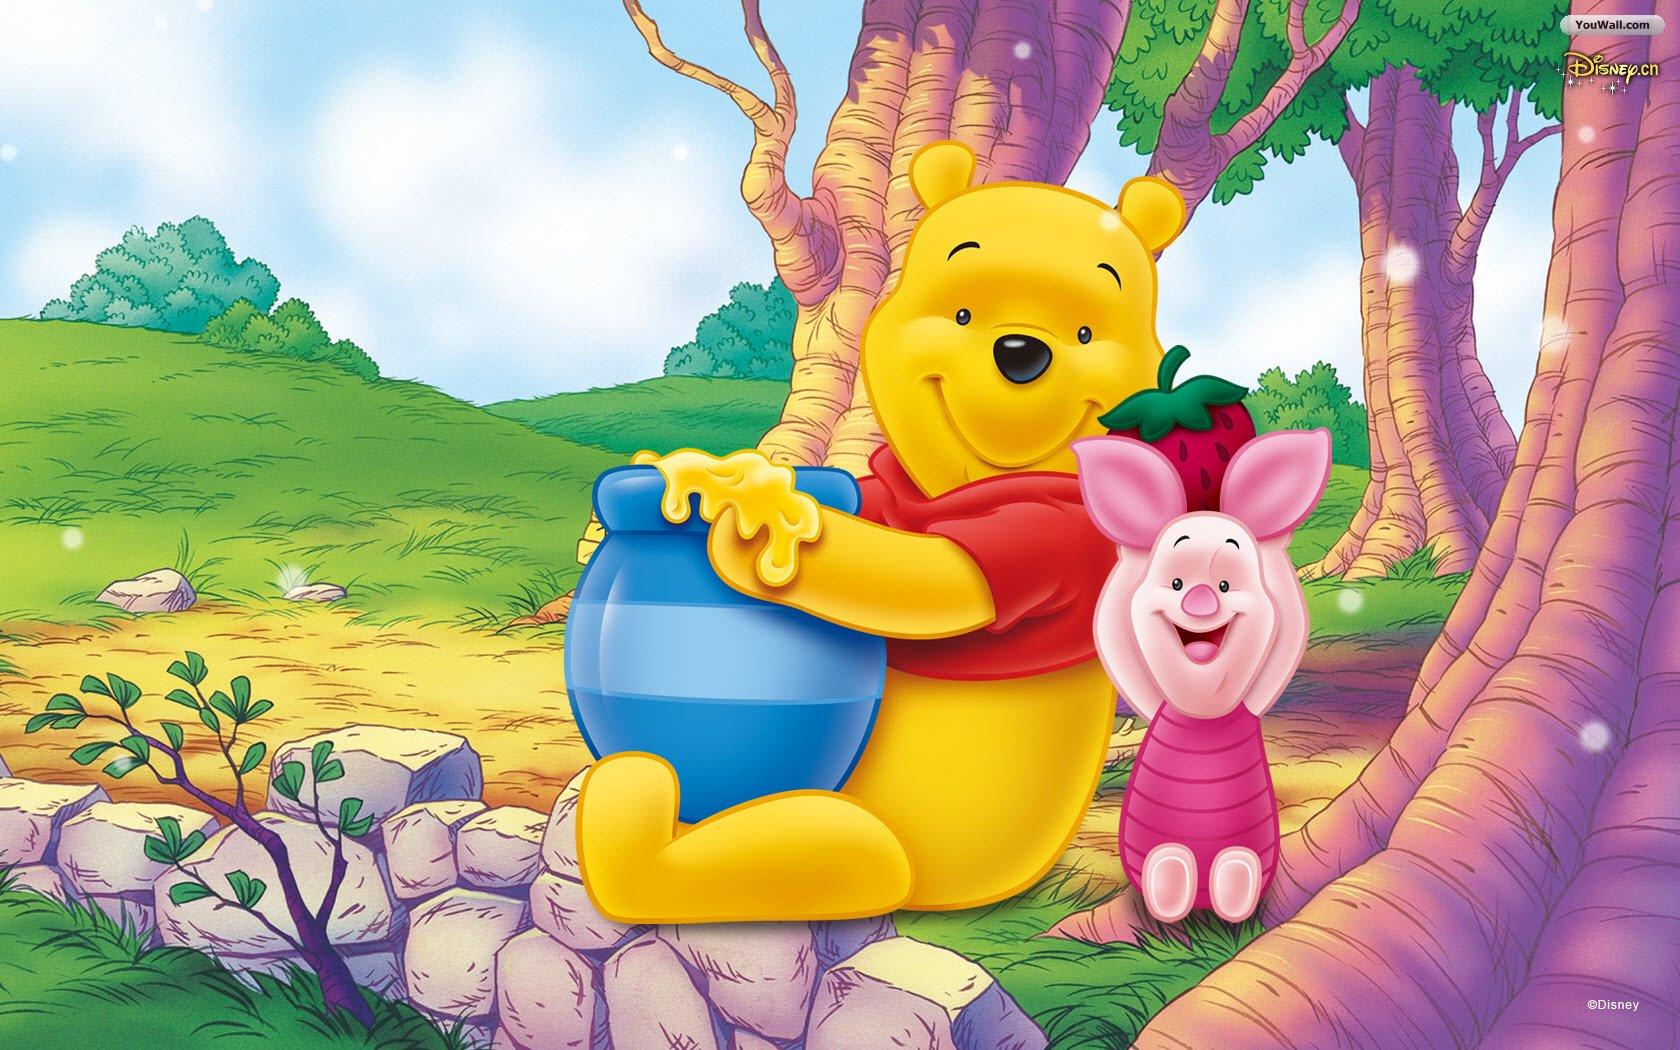 Cute Winnie The Pooh Wallpaper